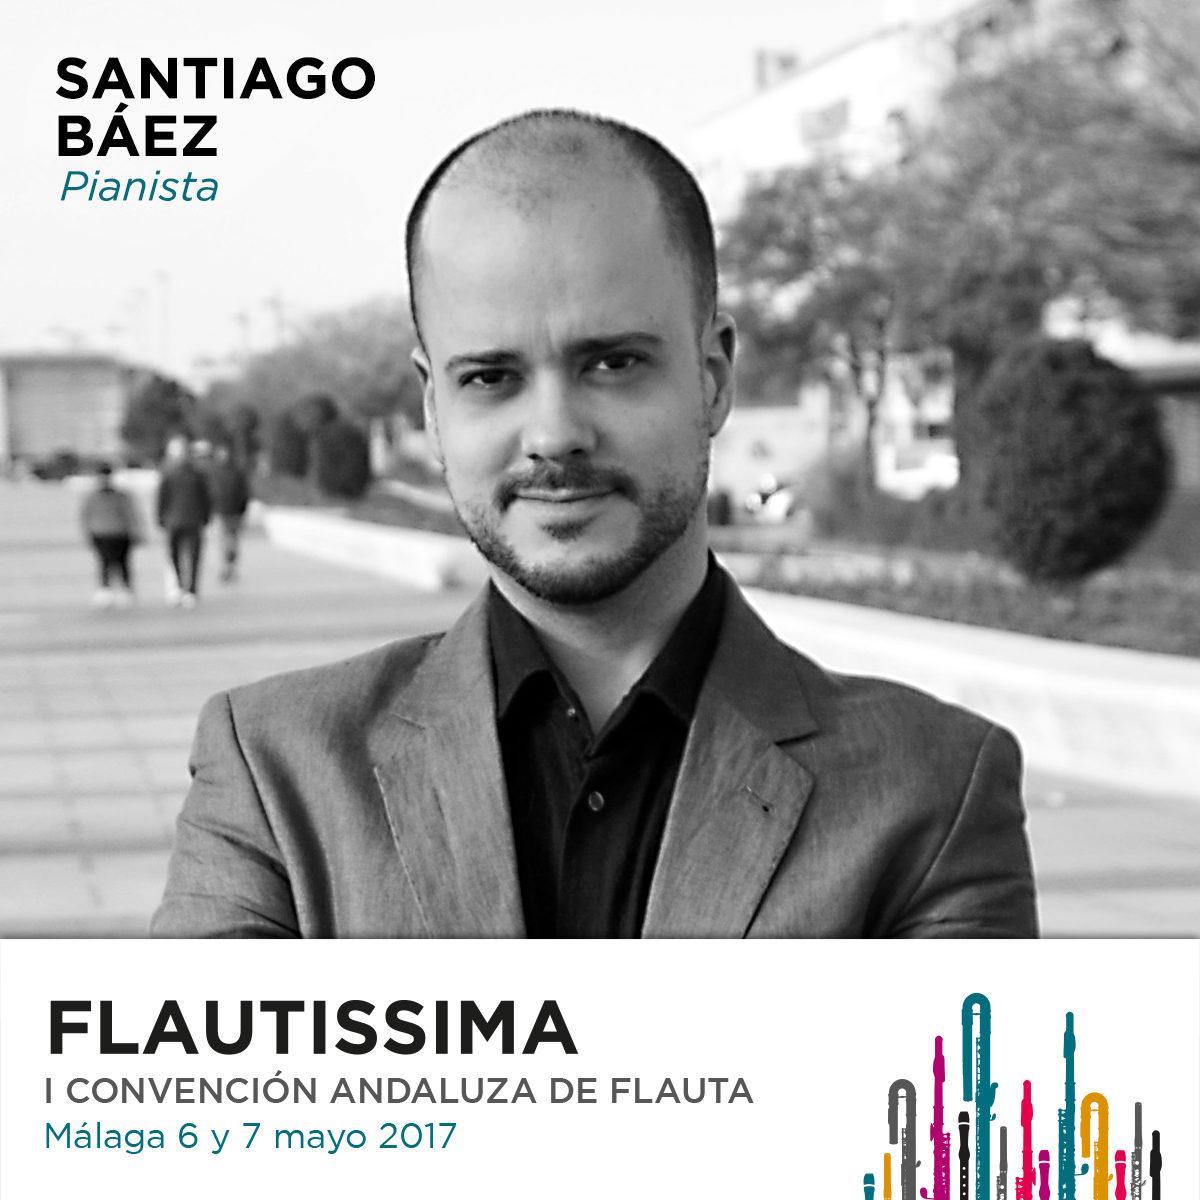 Santiago Báez Flautissima